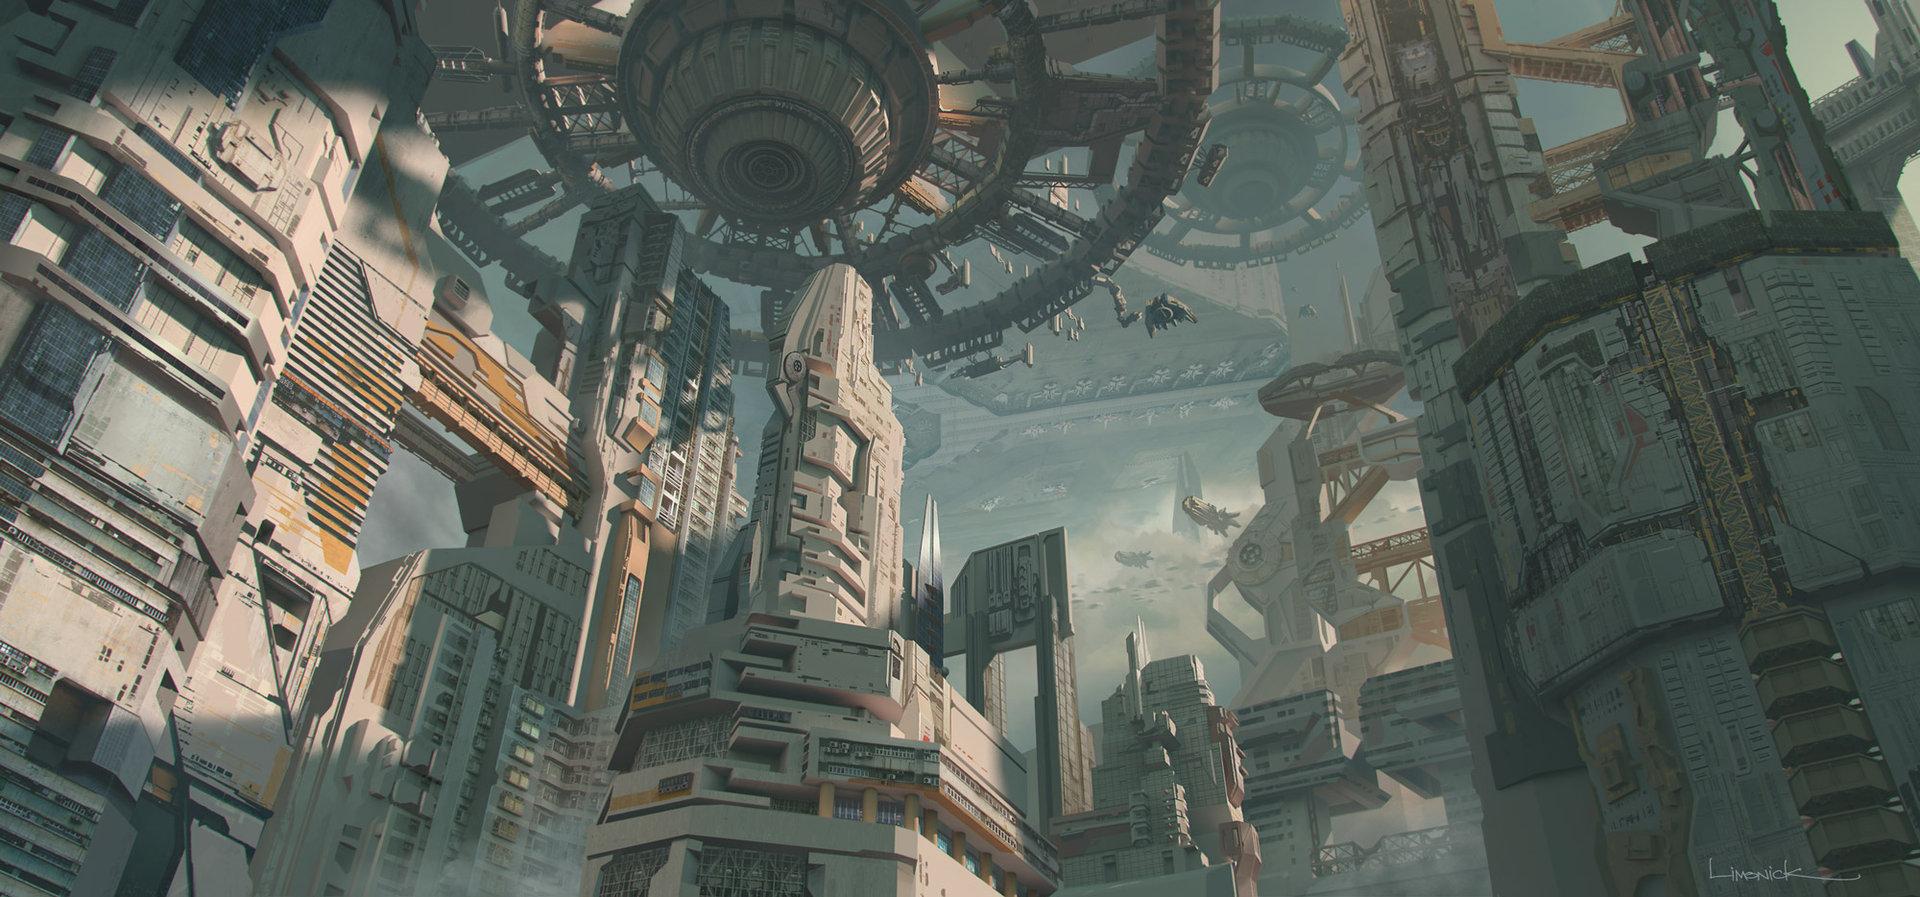 Voyagez loin avec les concept arts d'environnement d'Aaron Limonick